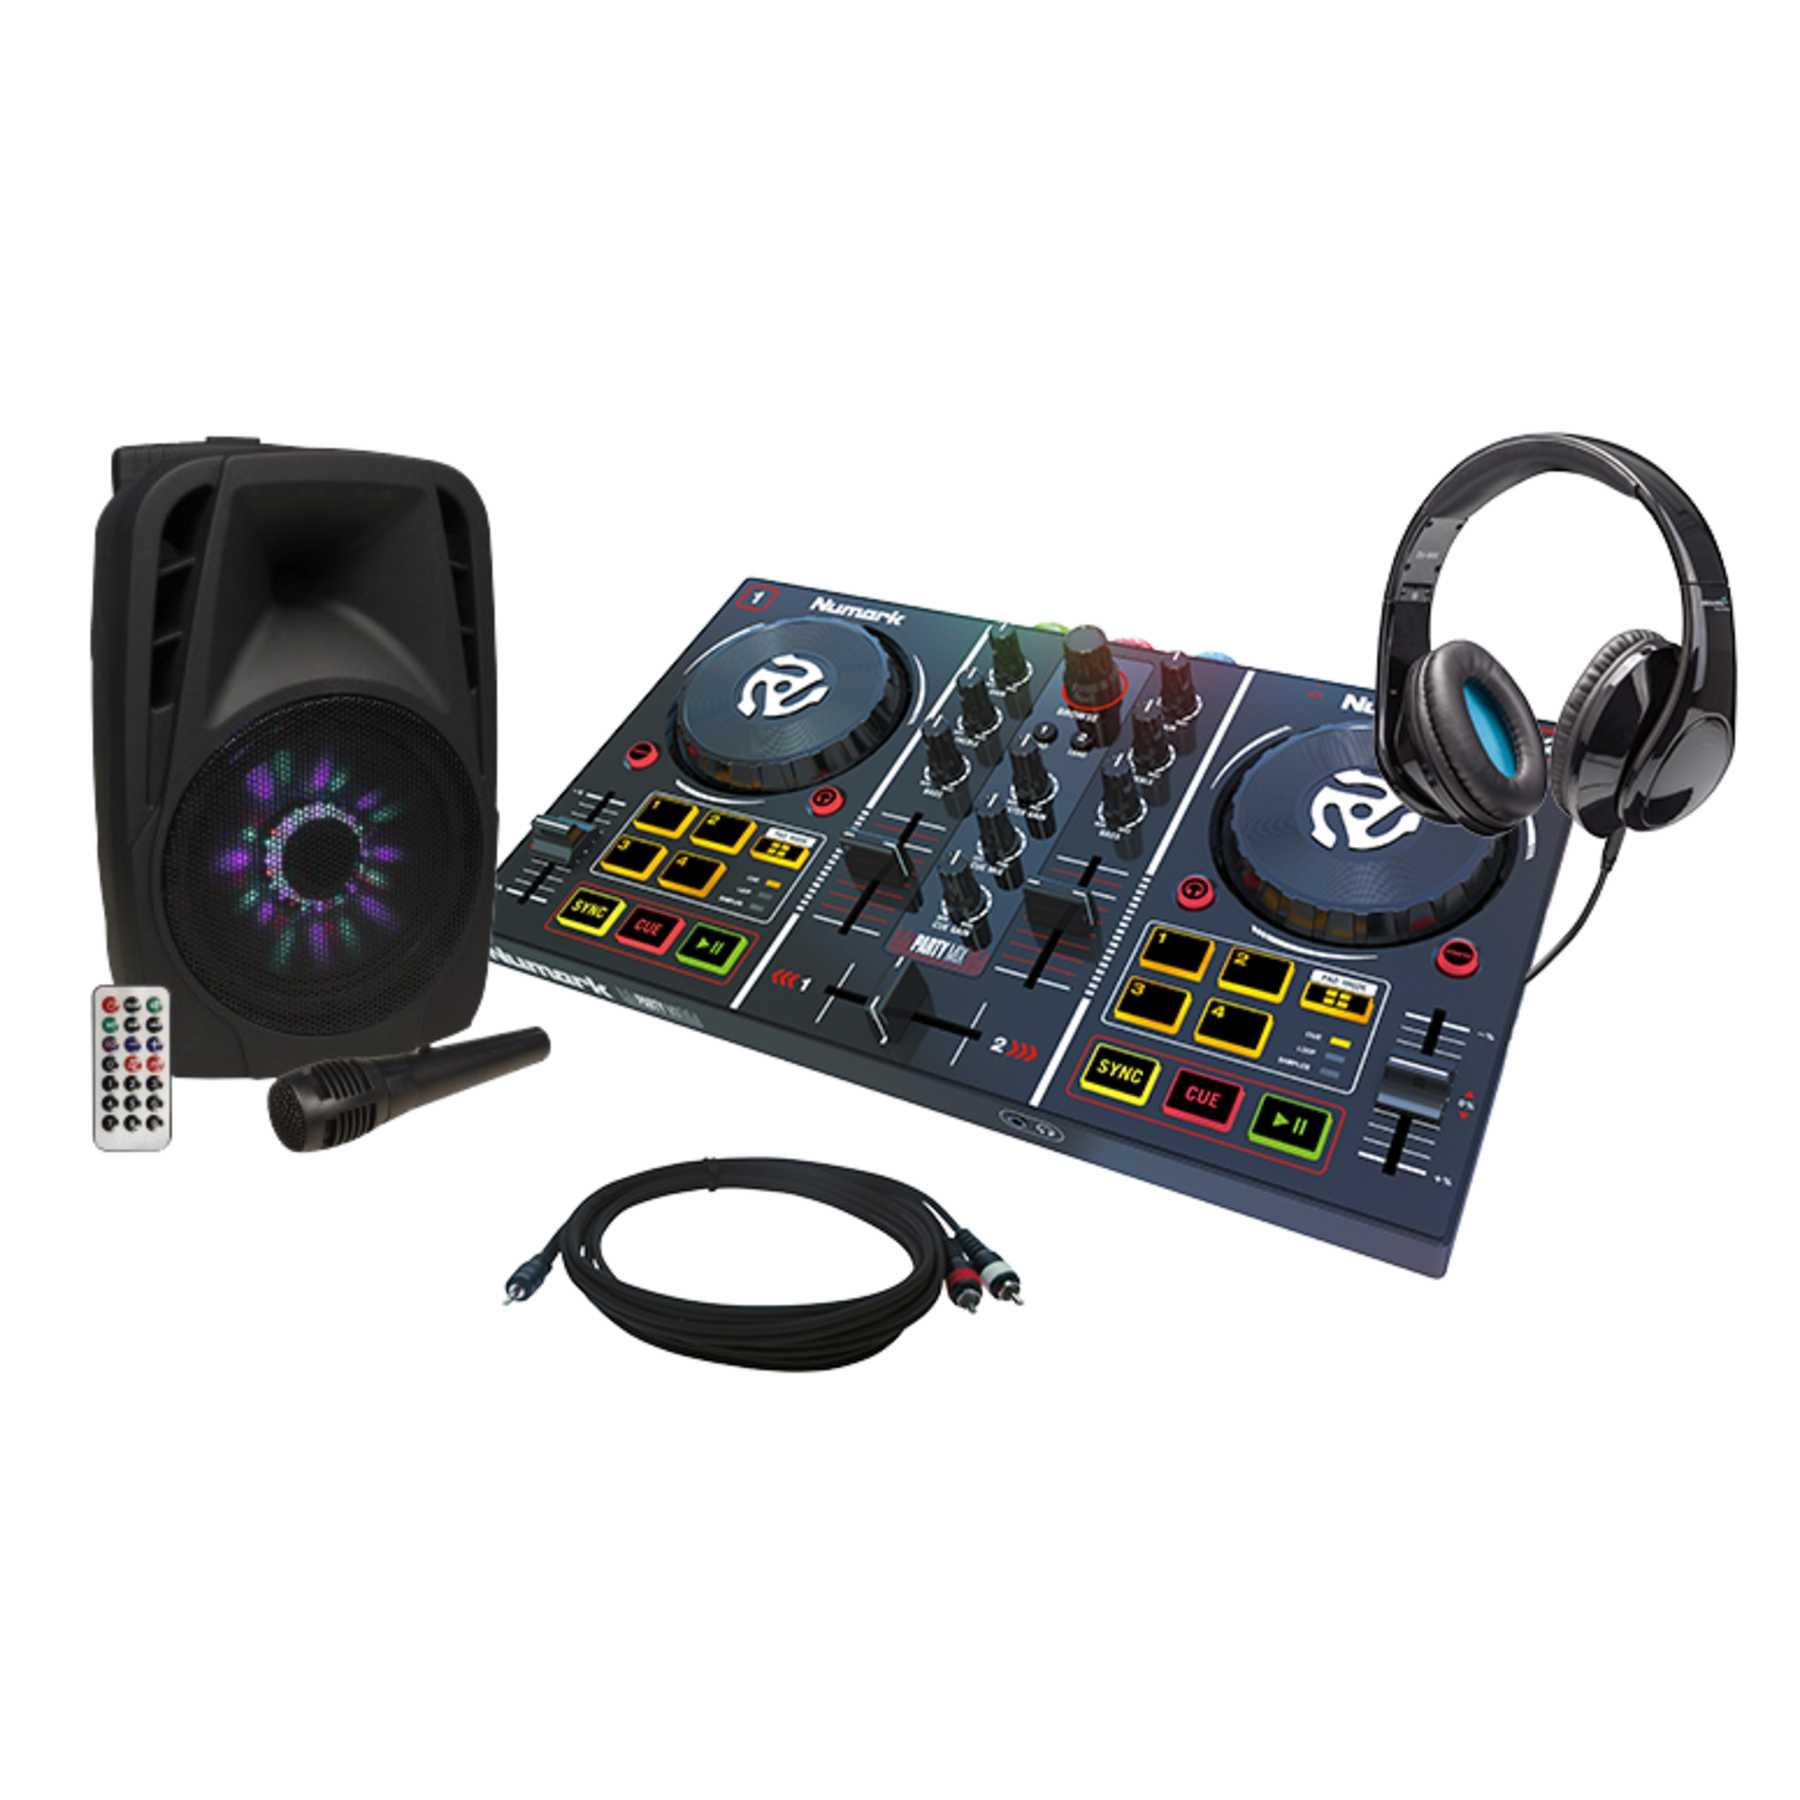 Numark Party Mix + Elevator DJ-500 + Hollywood MB-8 LED Lautsprecher 241389